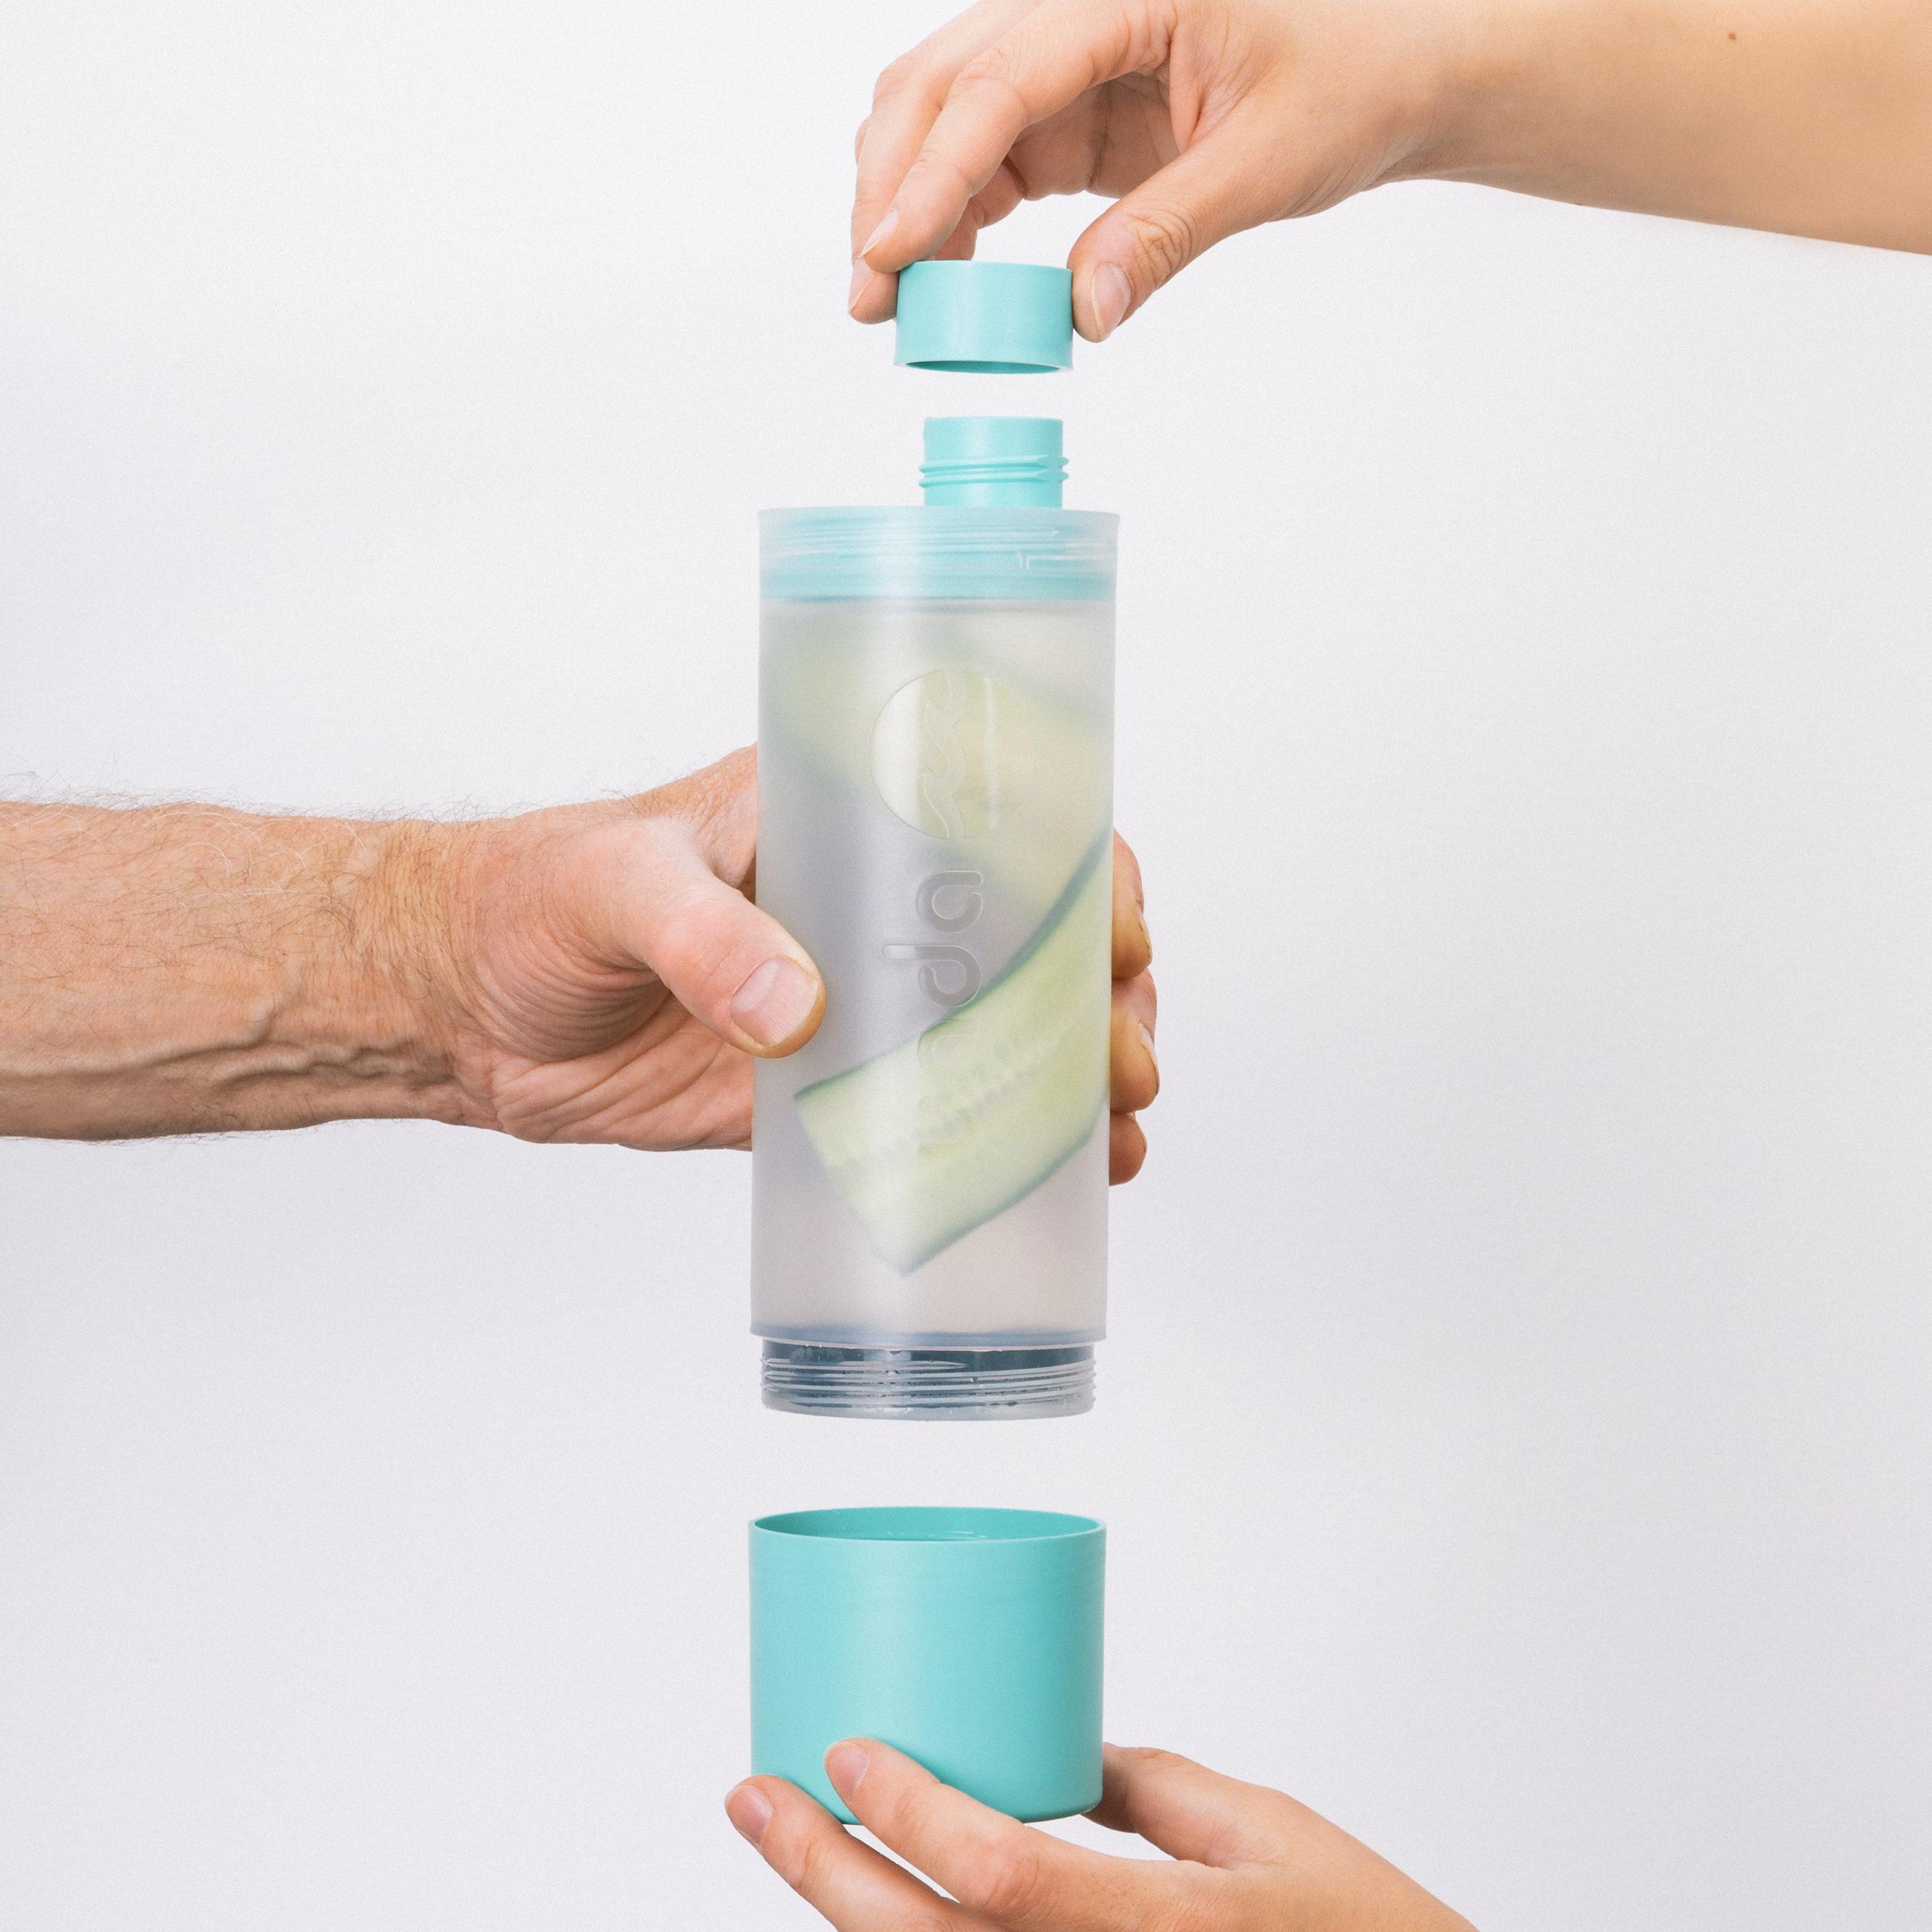 Nachhaltige 3-in-1 Lifestyle-Flasche 550ml von Unda bottle (minus 45%)